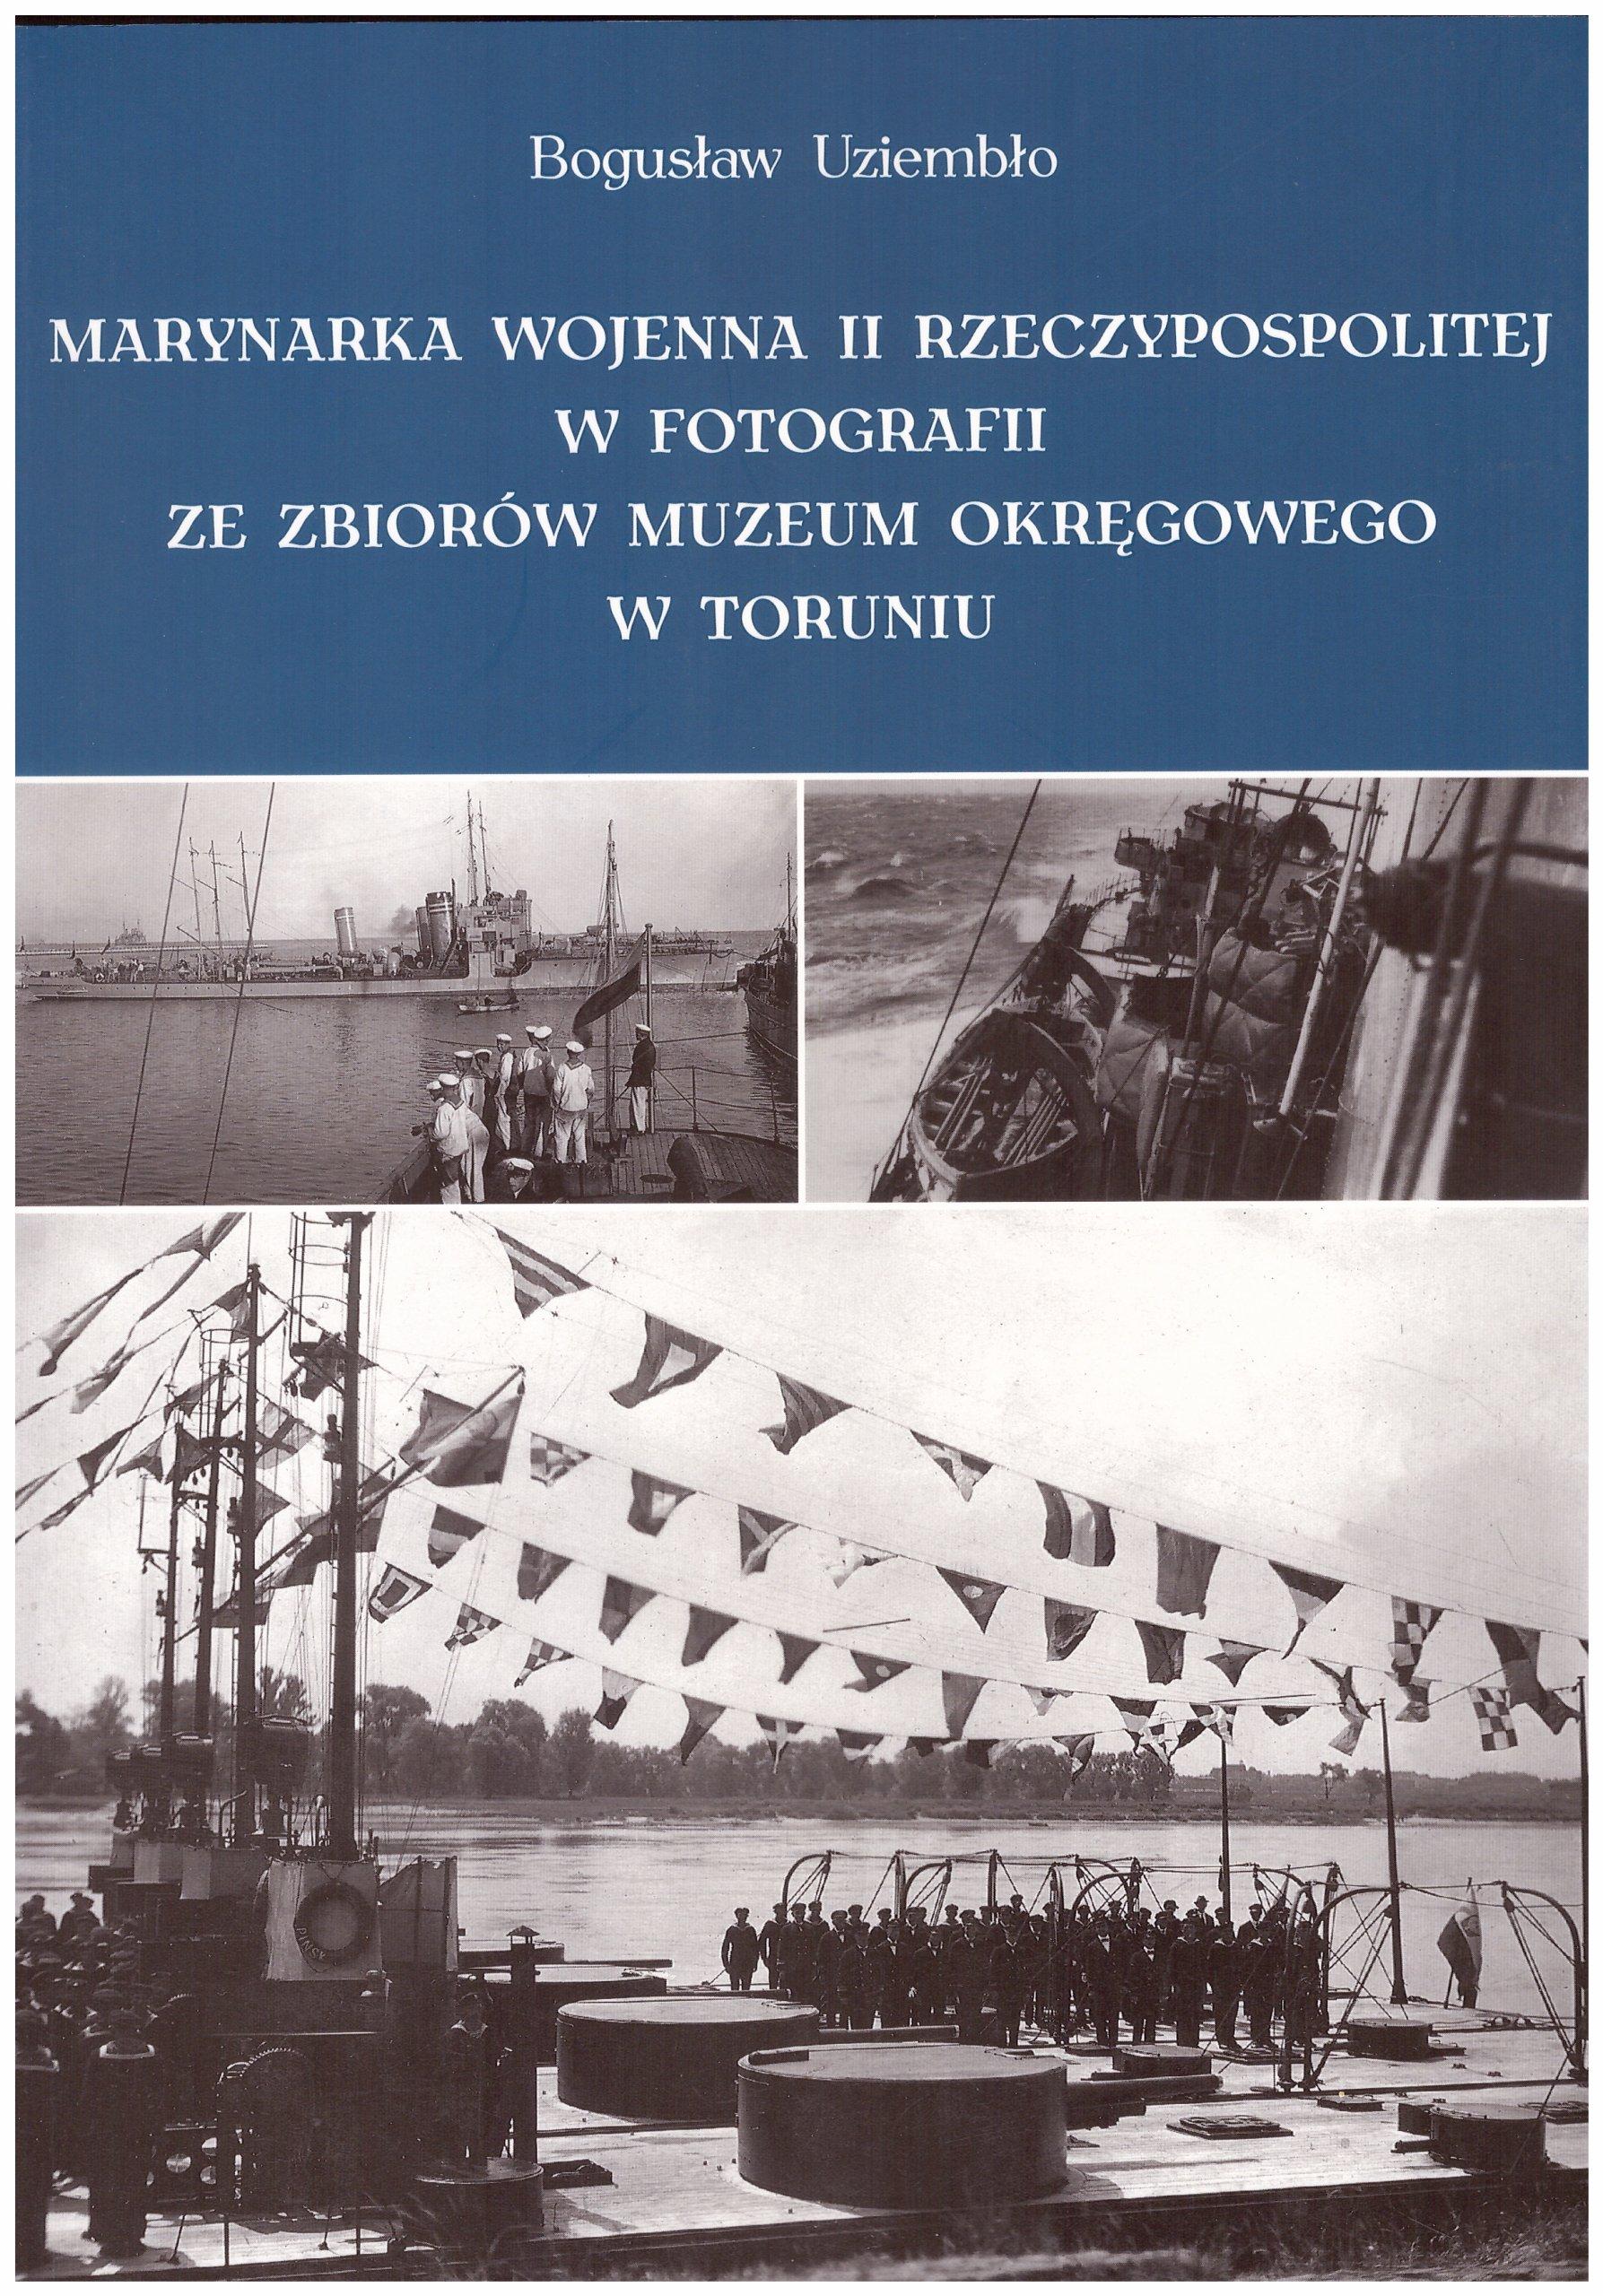 Военно-морской флот на фото Второй Польской Республики, корабли ВМФ